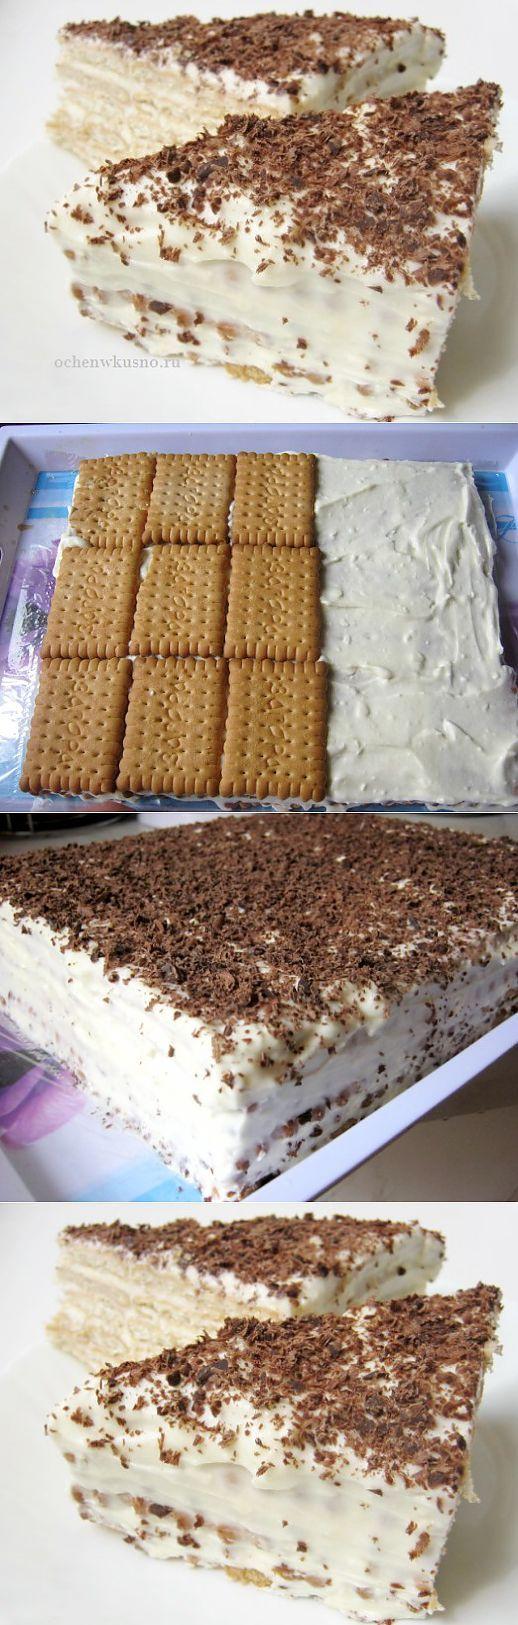 Торт без выпечки   ГОТОВИМ ВКУСНО И ПО-ДОМАШНЕМУ